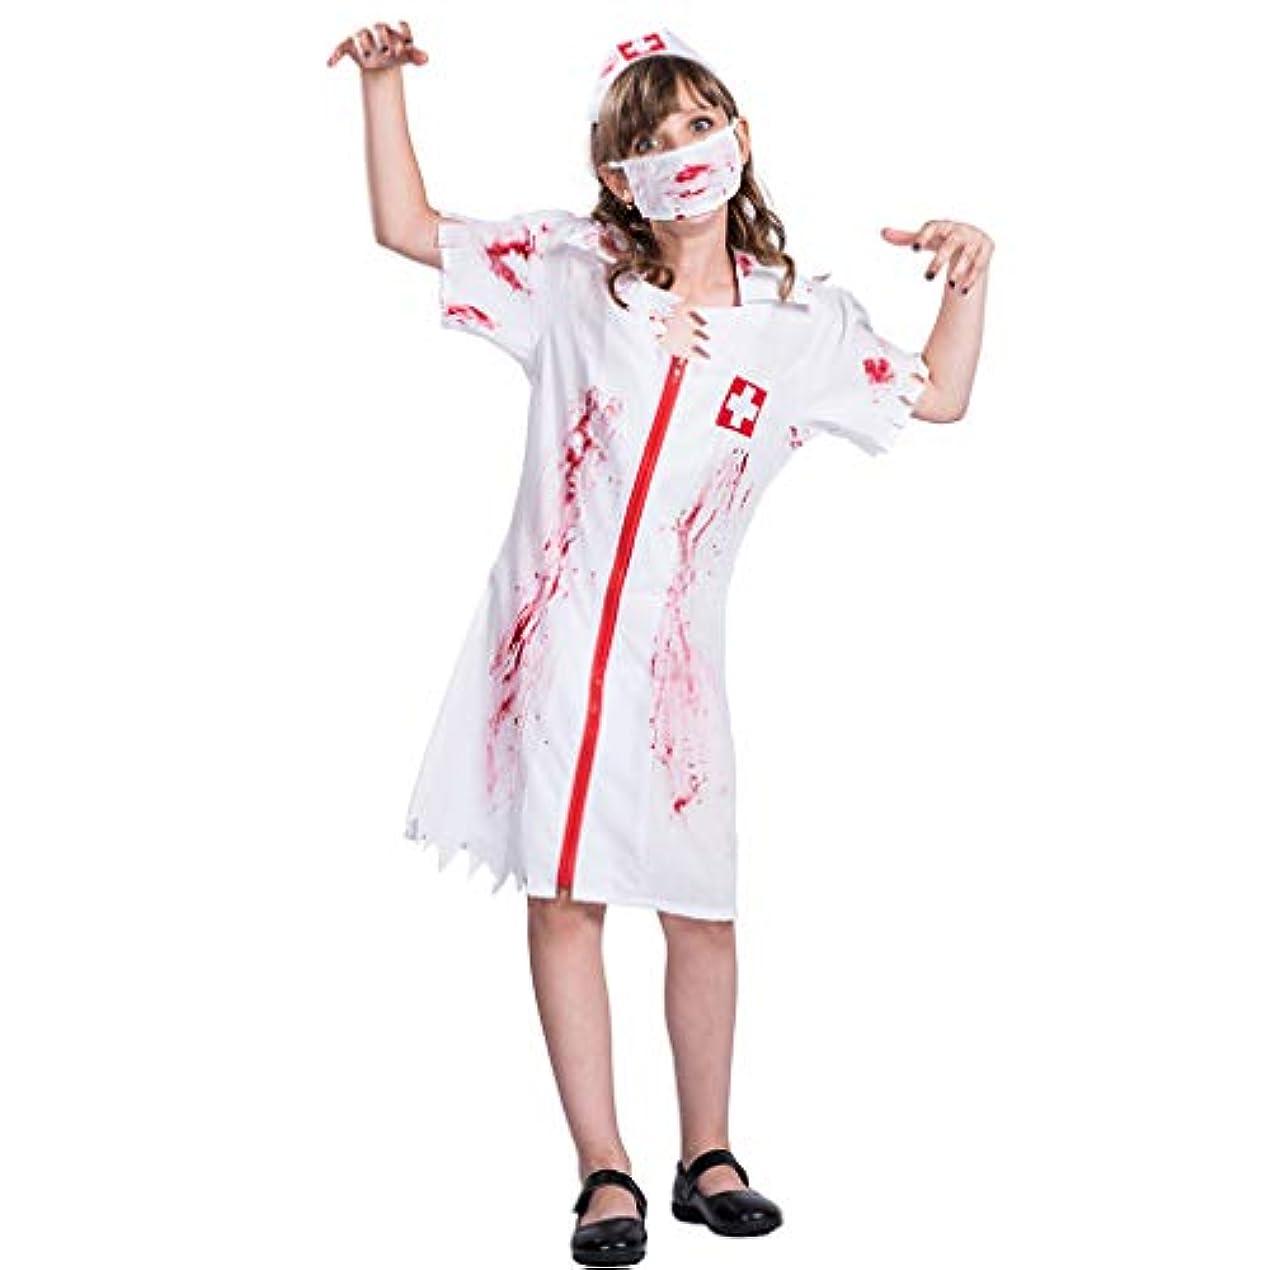 くるくるスポーツの試合を担当している人教室Emfay ハロウィン コスプレ衣装 子供 ホラー系 ナース ゾンビ 血まみれ 看護婦 キッズコスチューム L